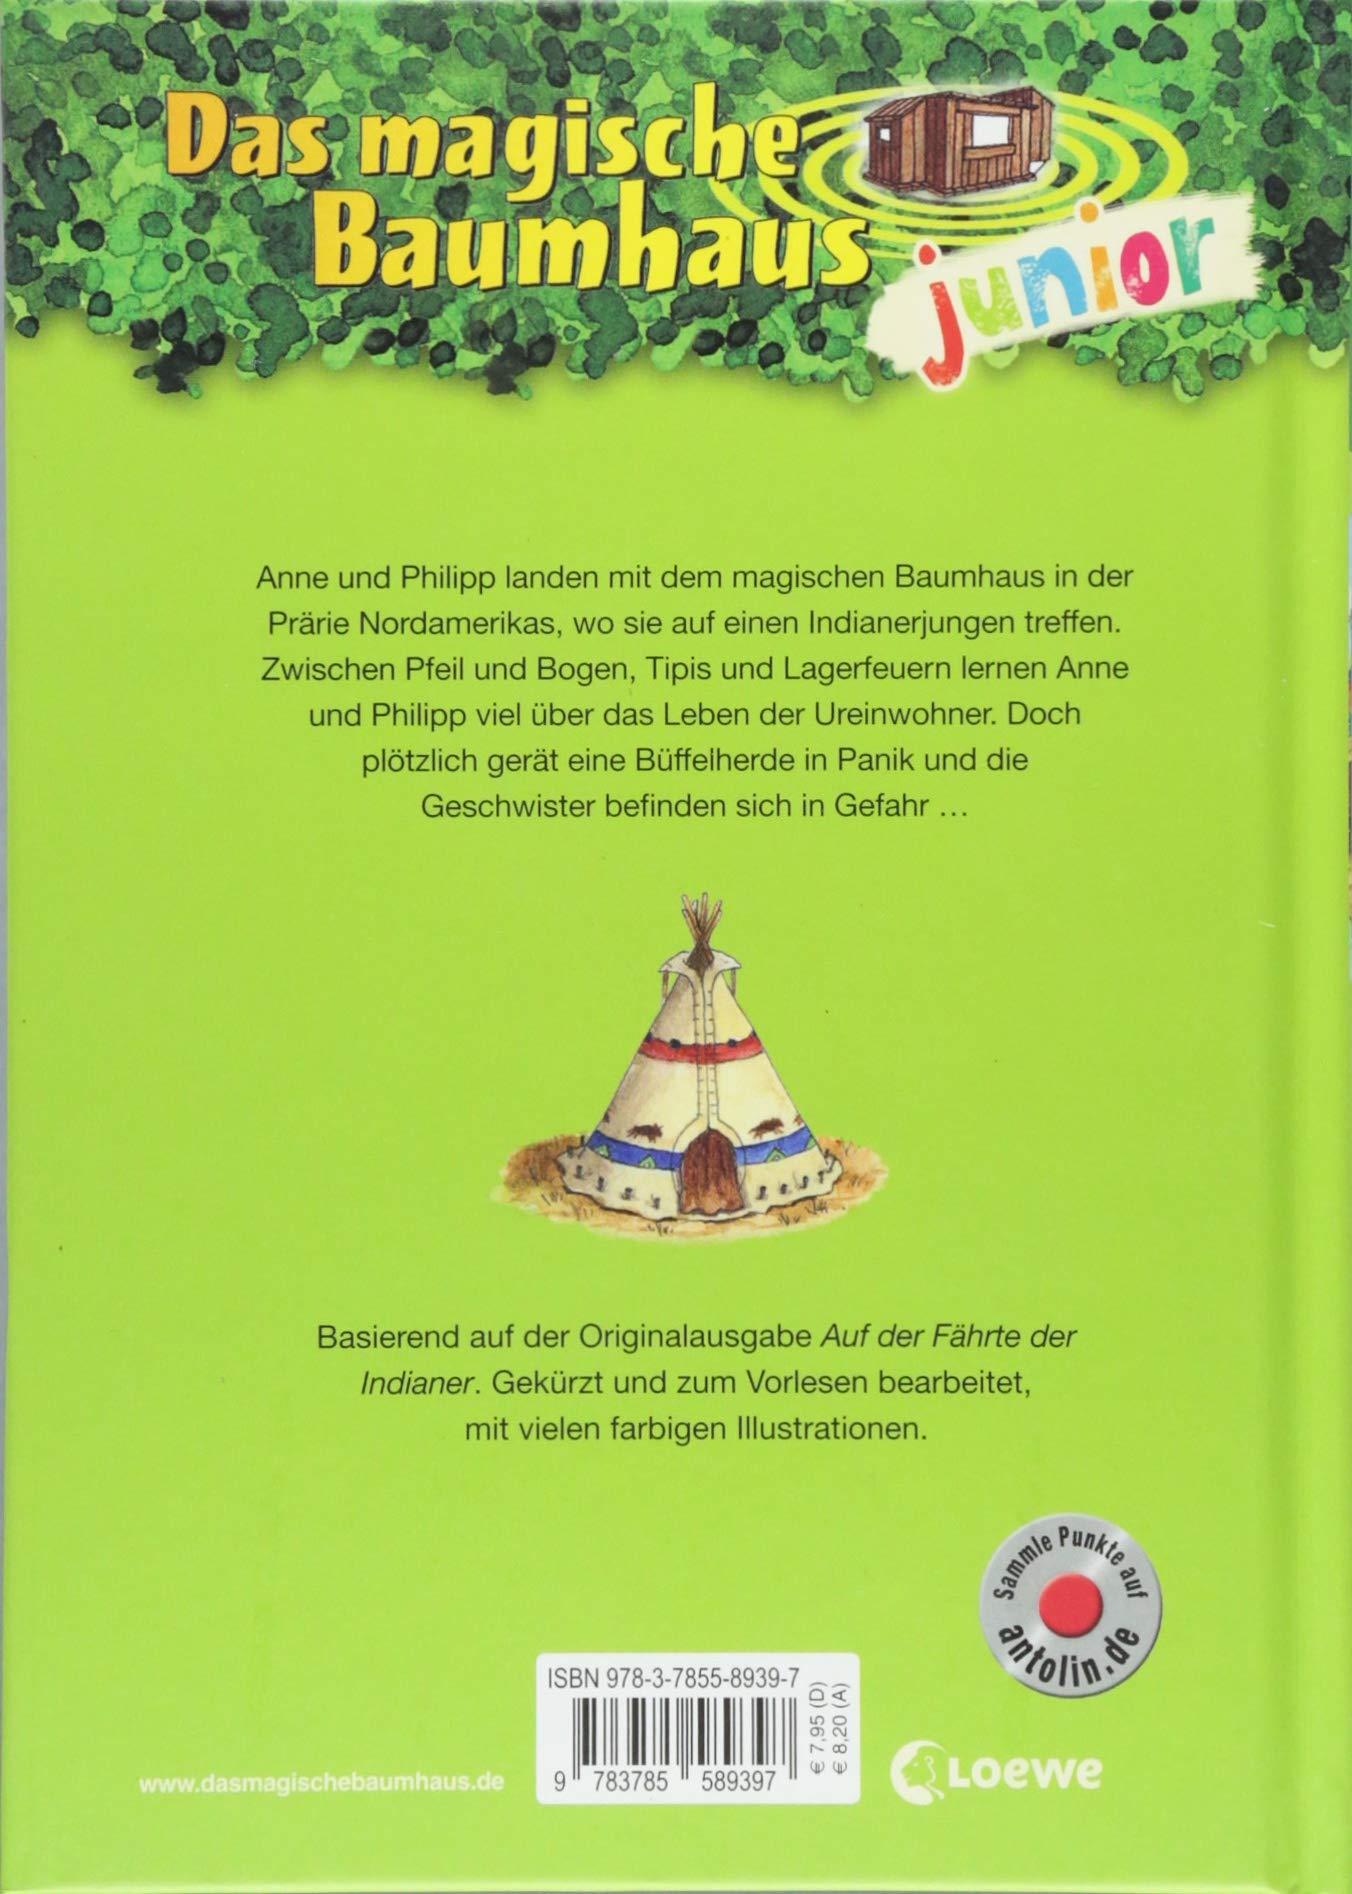 Das Magische Baumhaus Junior   Auf Dem Pfad Der Indianer: Amazon.de: Mary  Pope Osborne, Jutta Knipping, Sabine Rahn: Bücher